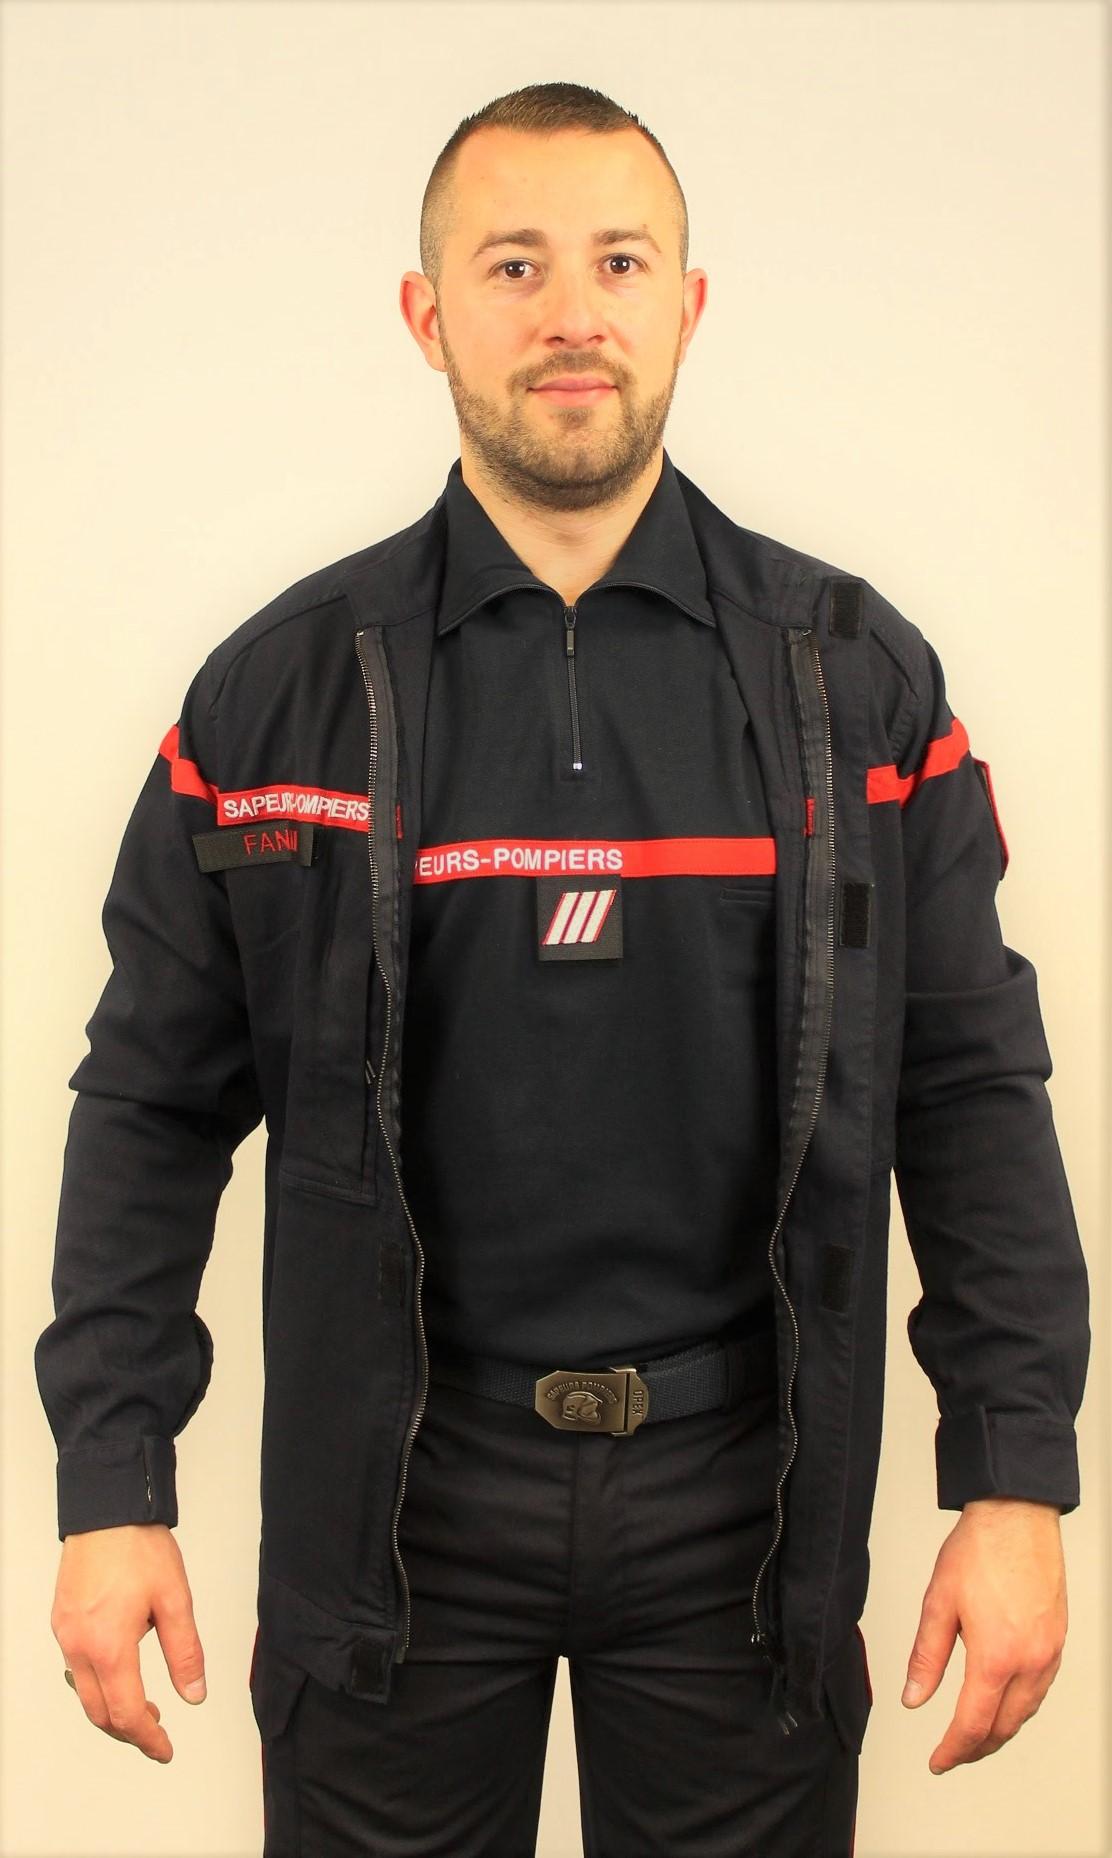 DBB Uniformes distributeur de tous les accessoires complémentaires à la tenue pour Sapeurs-Pompiers